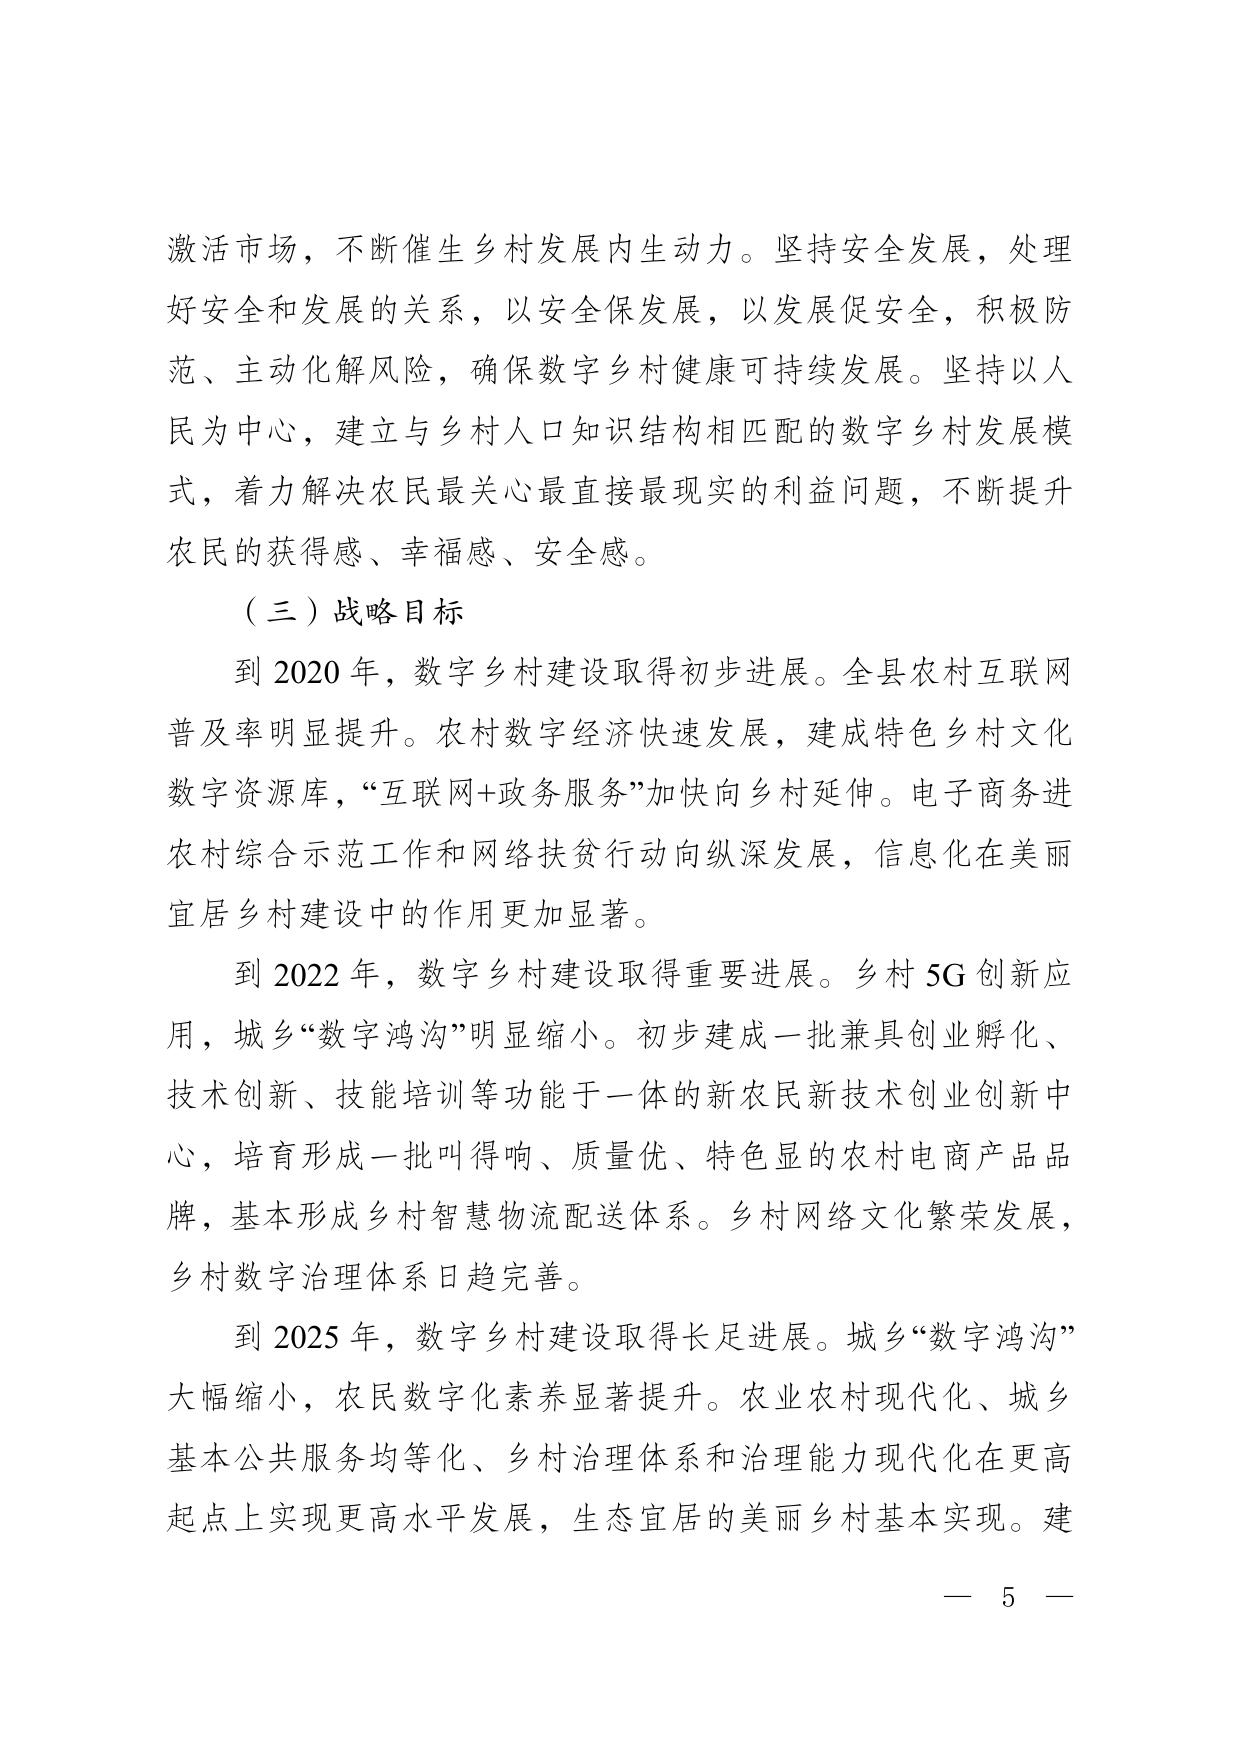 华办函〔2020〕5号关于印发《五华县数字乡村发展总体规划(2020—2025年)》的通知0004.jpg